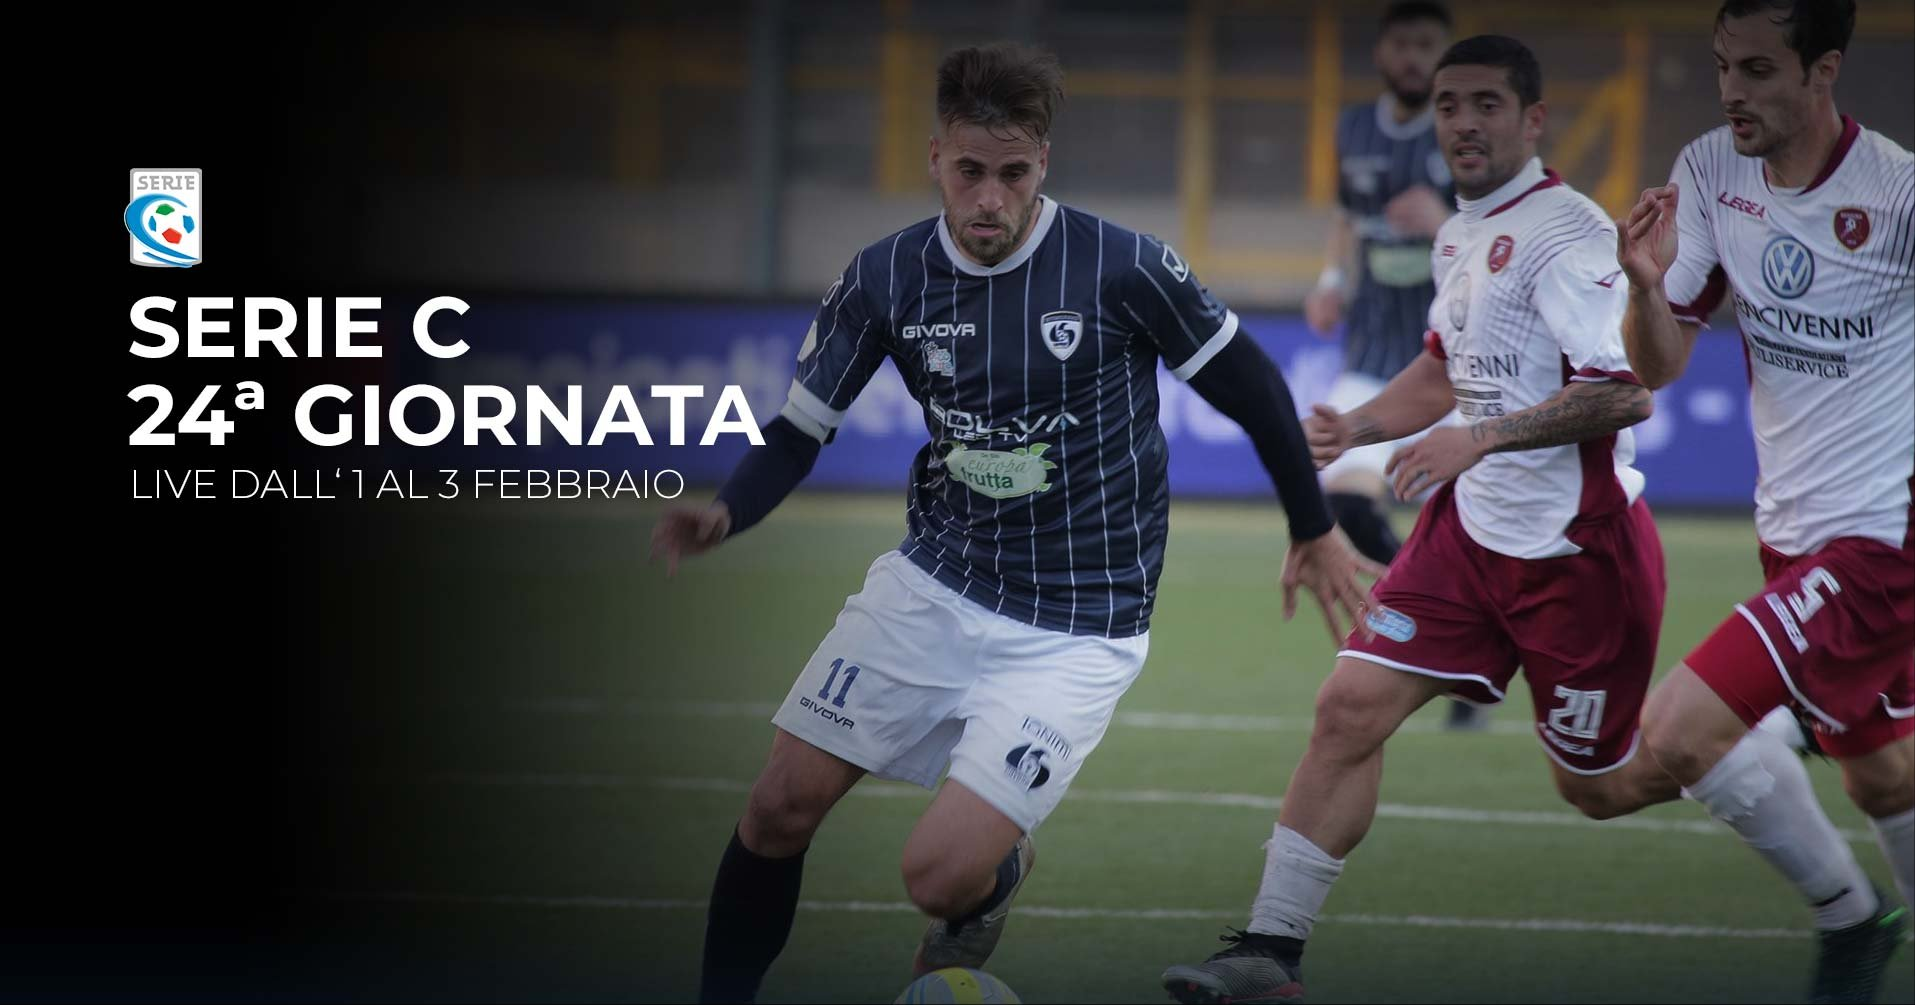 Serie C TV, 24a Giornata - Programma e Telecronisti Eleven Sports